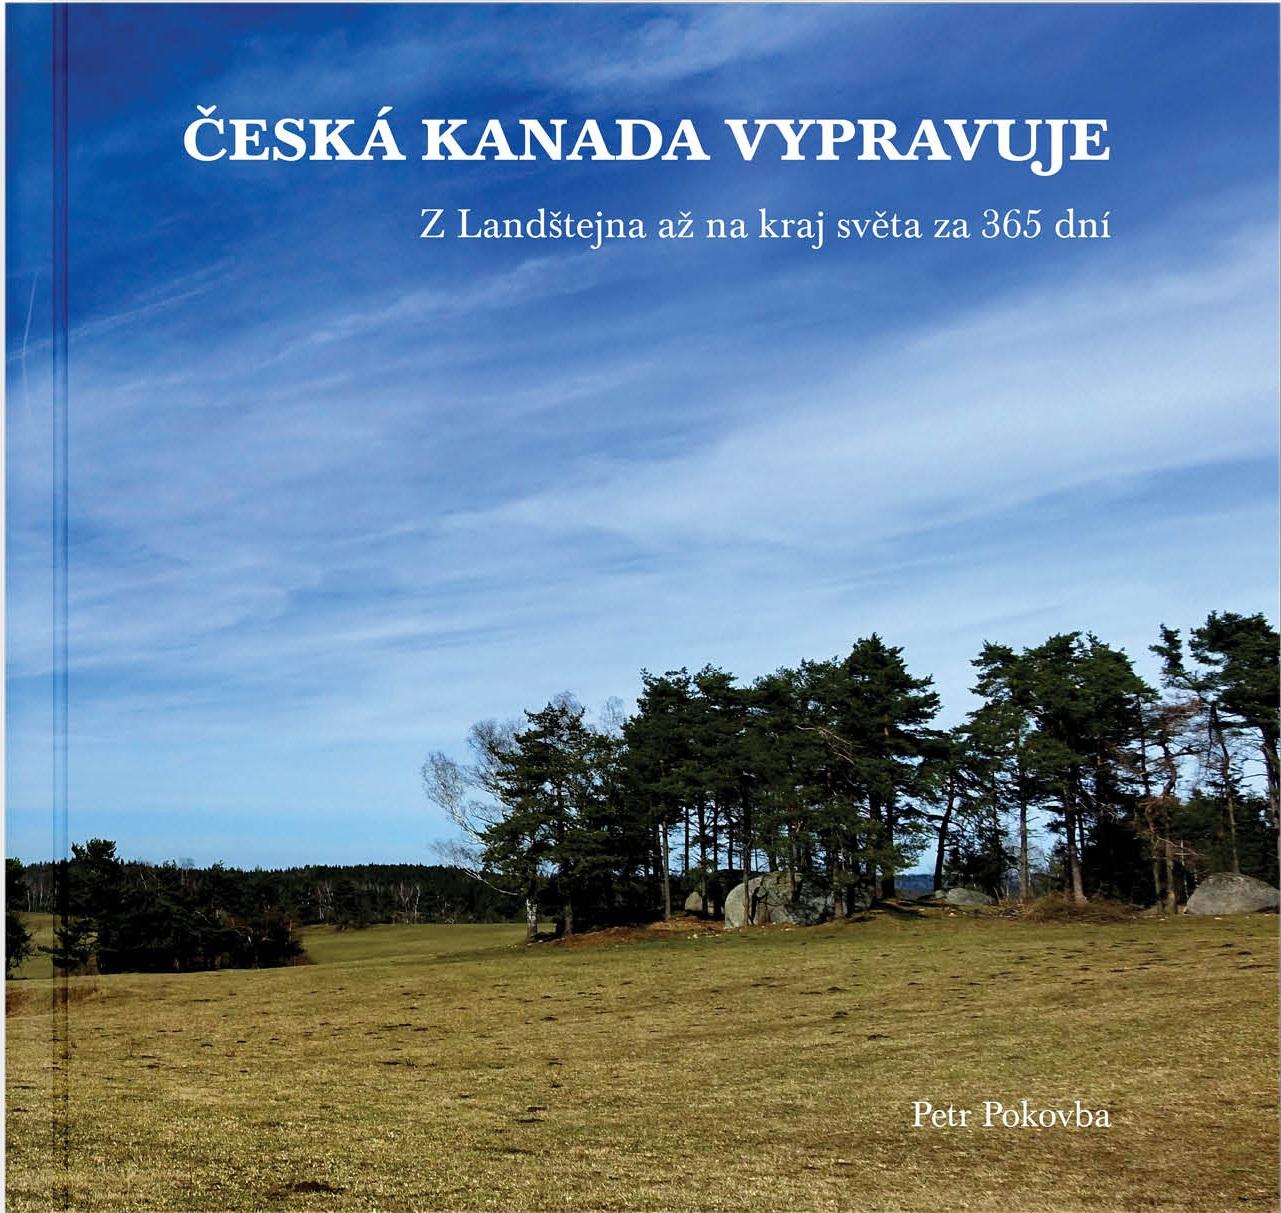 Česká Kanada vypravuje - Z Landštejna až na kraj světa za 365 dní i